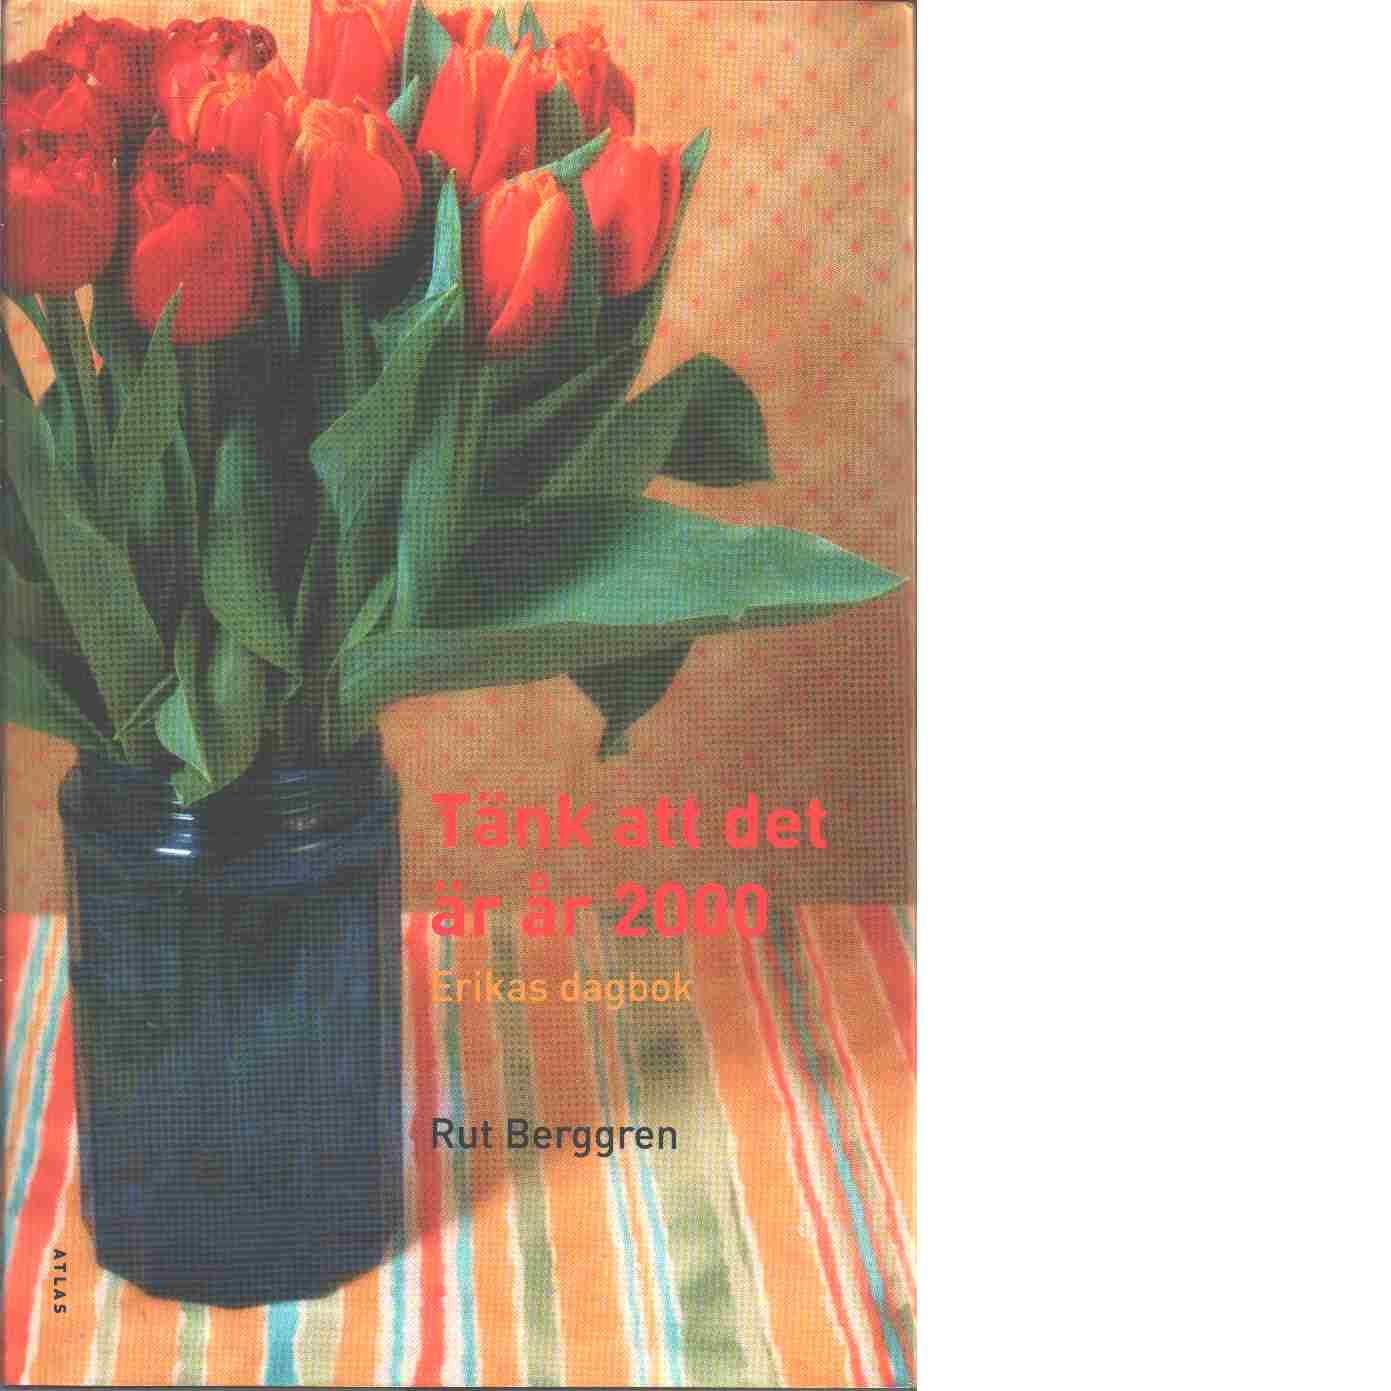 Tänk att det är år 2000 : Erikas dagbok - Berggren, Rut